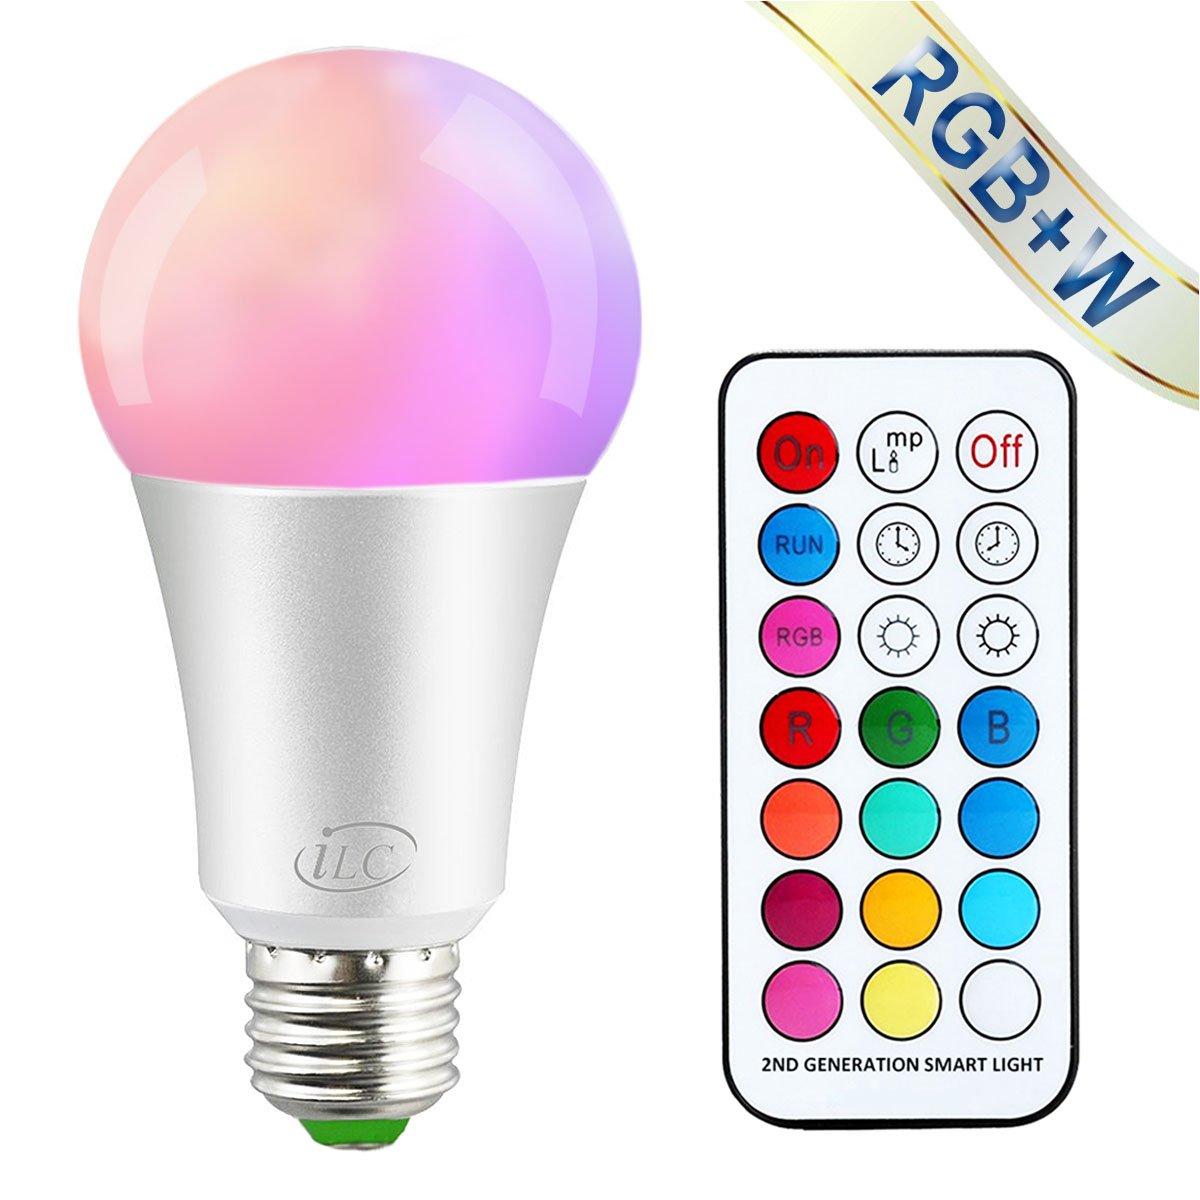 iLC Bombillas Colores RGBW LED Bombilla Regulable Cambio de Color 10W E27 Edison - RGB 12 Color - Control remoto Incluido para Casa/ Decoració n / Bar / Fiesta / KTV Ambiente Ambiance Iluminació n (Pack de 2)